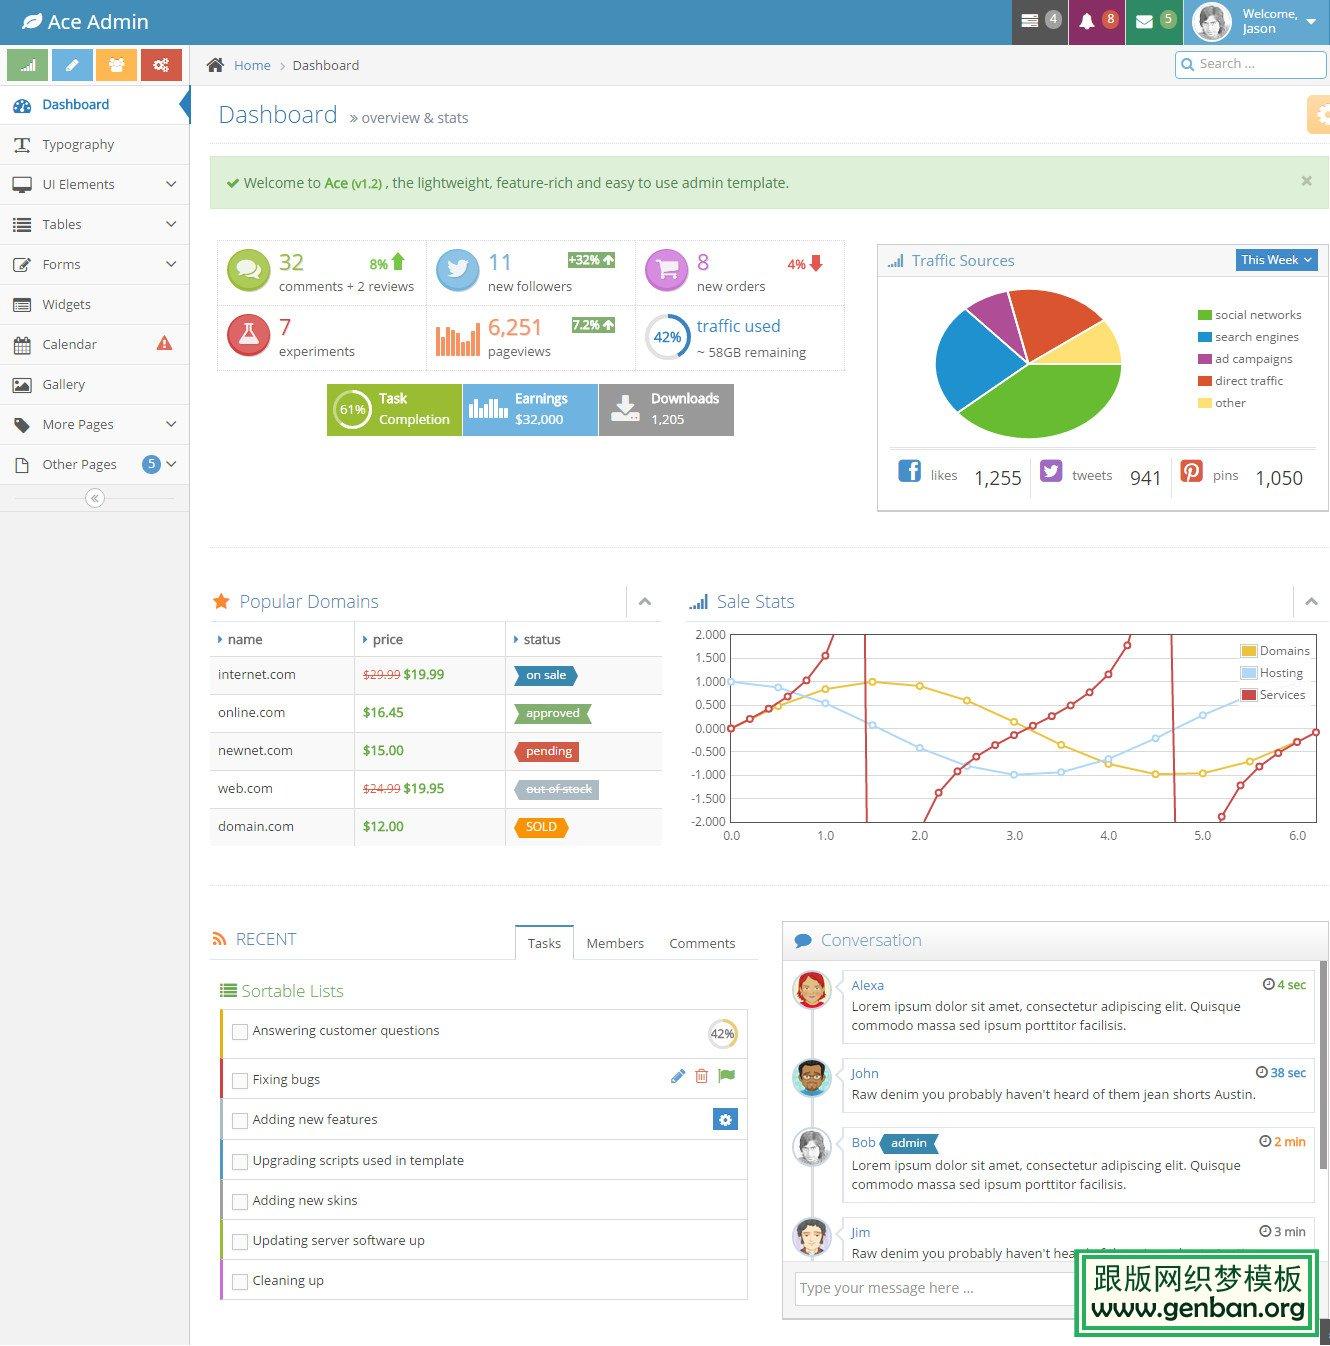 因为模板是虚拟商品,具有可复制性,可传播性等,一旦授予,将不可退款。如果您同意购买极为接收本站协议。 1.商业模板购买后,三个月内可以免费提供技术支持,服务内容包括BUG的修复、页面布局的小范围调整(大的变动及新增设计和功能定制需要另外付费)。 2.商业模板购买后,您可以将主题应用到您多个网站上,但不可以随意倒卖散播,为了保障付费用户的权益,购买后需要如实告知姓名和联系方式,及网站域名,以做备注。 3.